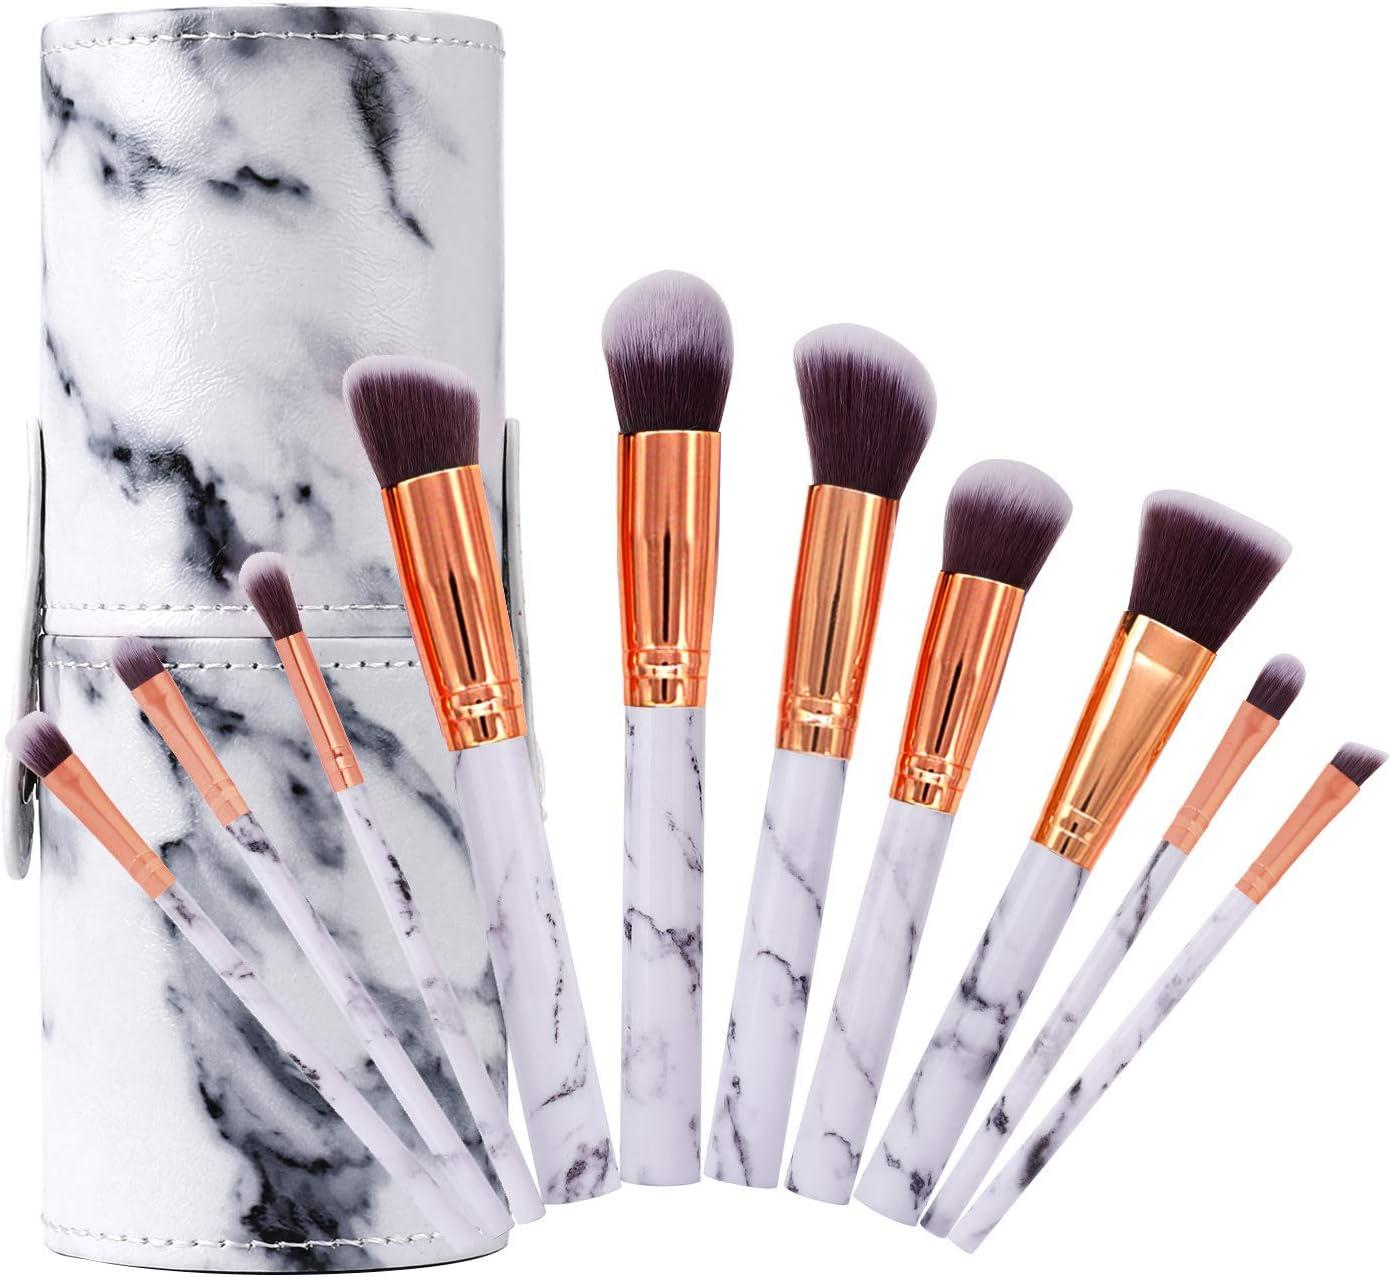 Pinceles de Maquillaje Profesional Set de Brochas de Maquillaje de Mármol Cepillo de Cejas Marbling Sombra de Ojos Cepillo para Polvo Suelto, Contorno y Sombra con Caja de Almacenamiento, 10 Piezas